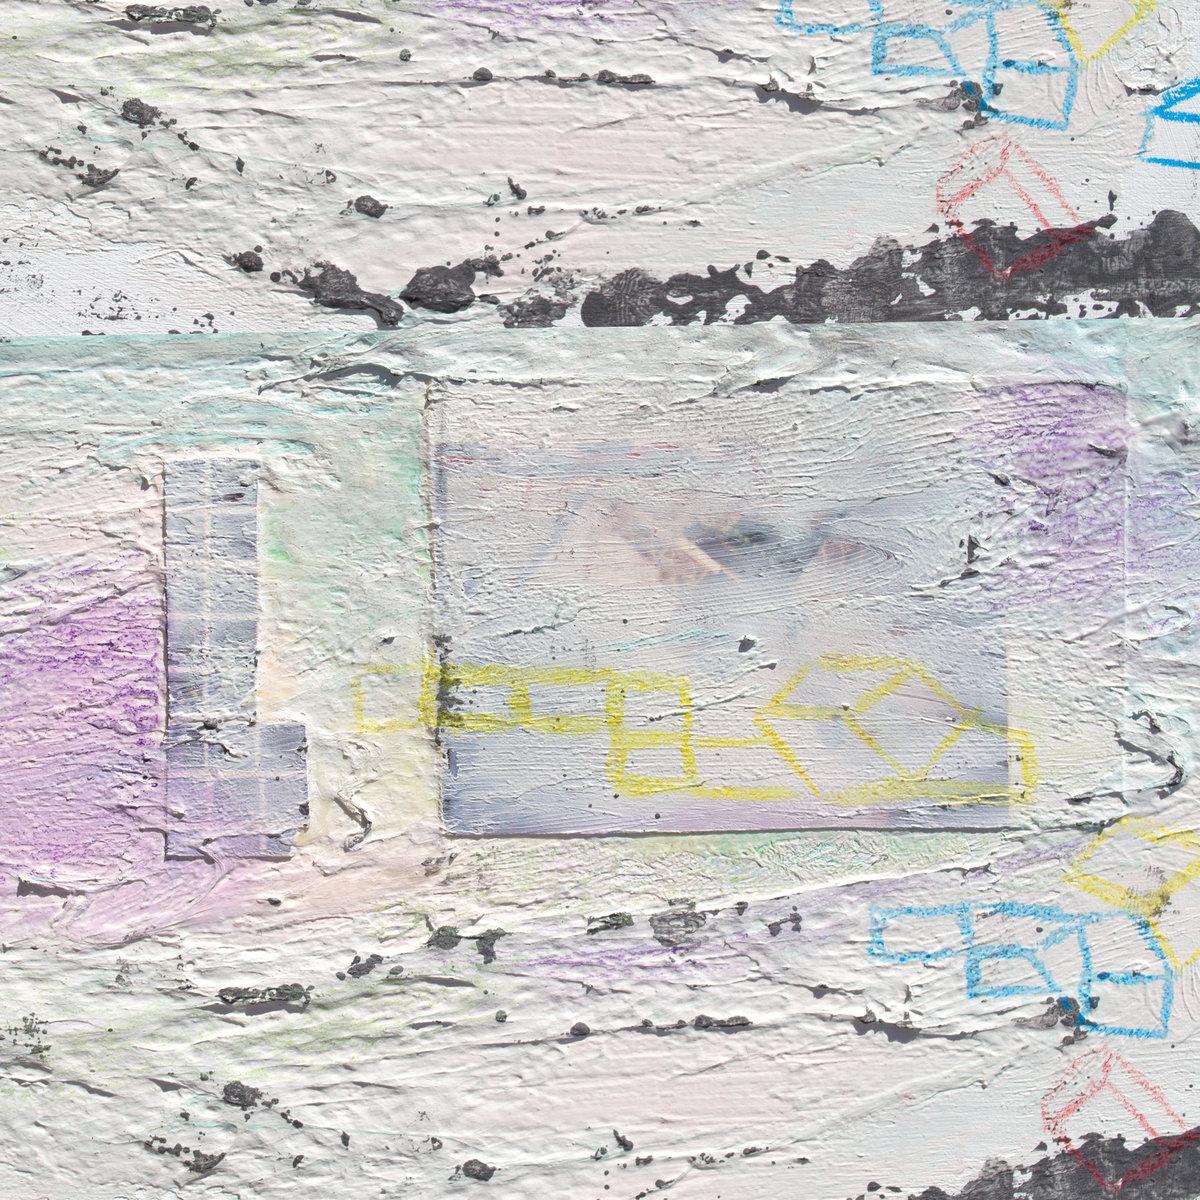 Review of Broken Social Scene's first album in seven years, 'Hug of Thunder'.